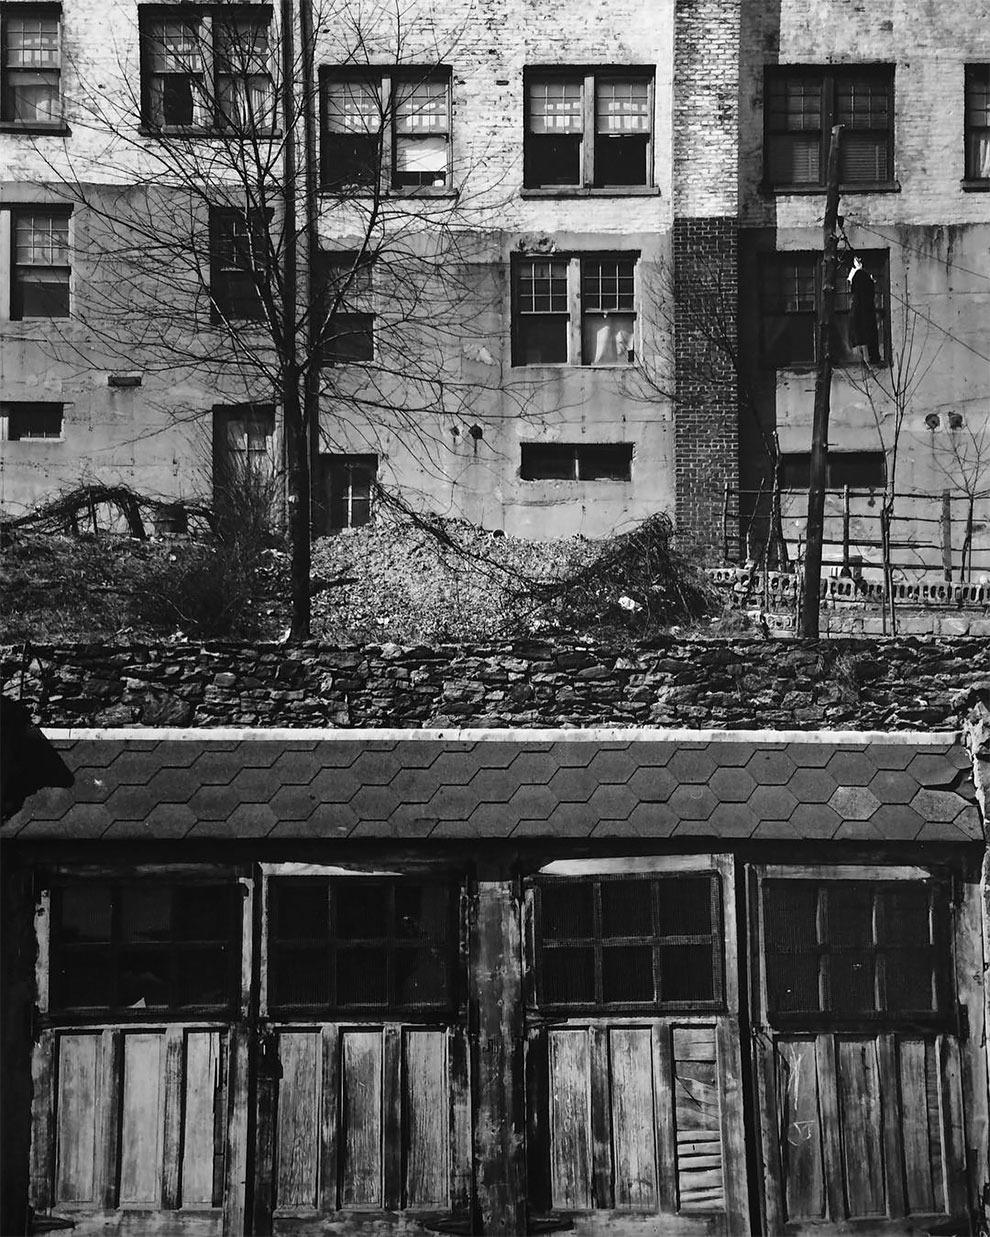 Тодд Уэбб - культовый уличный фотограф, который не захотел становиться знаменитым 5